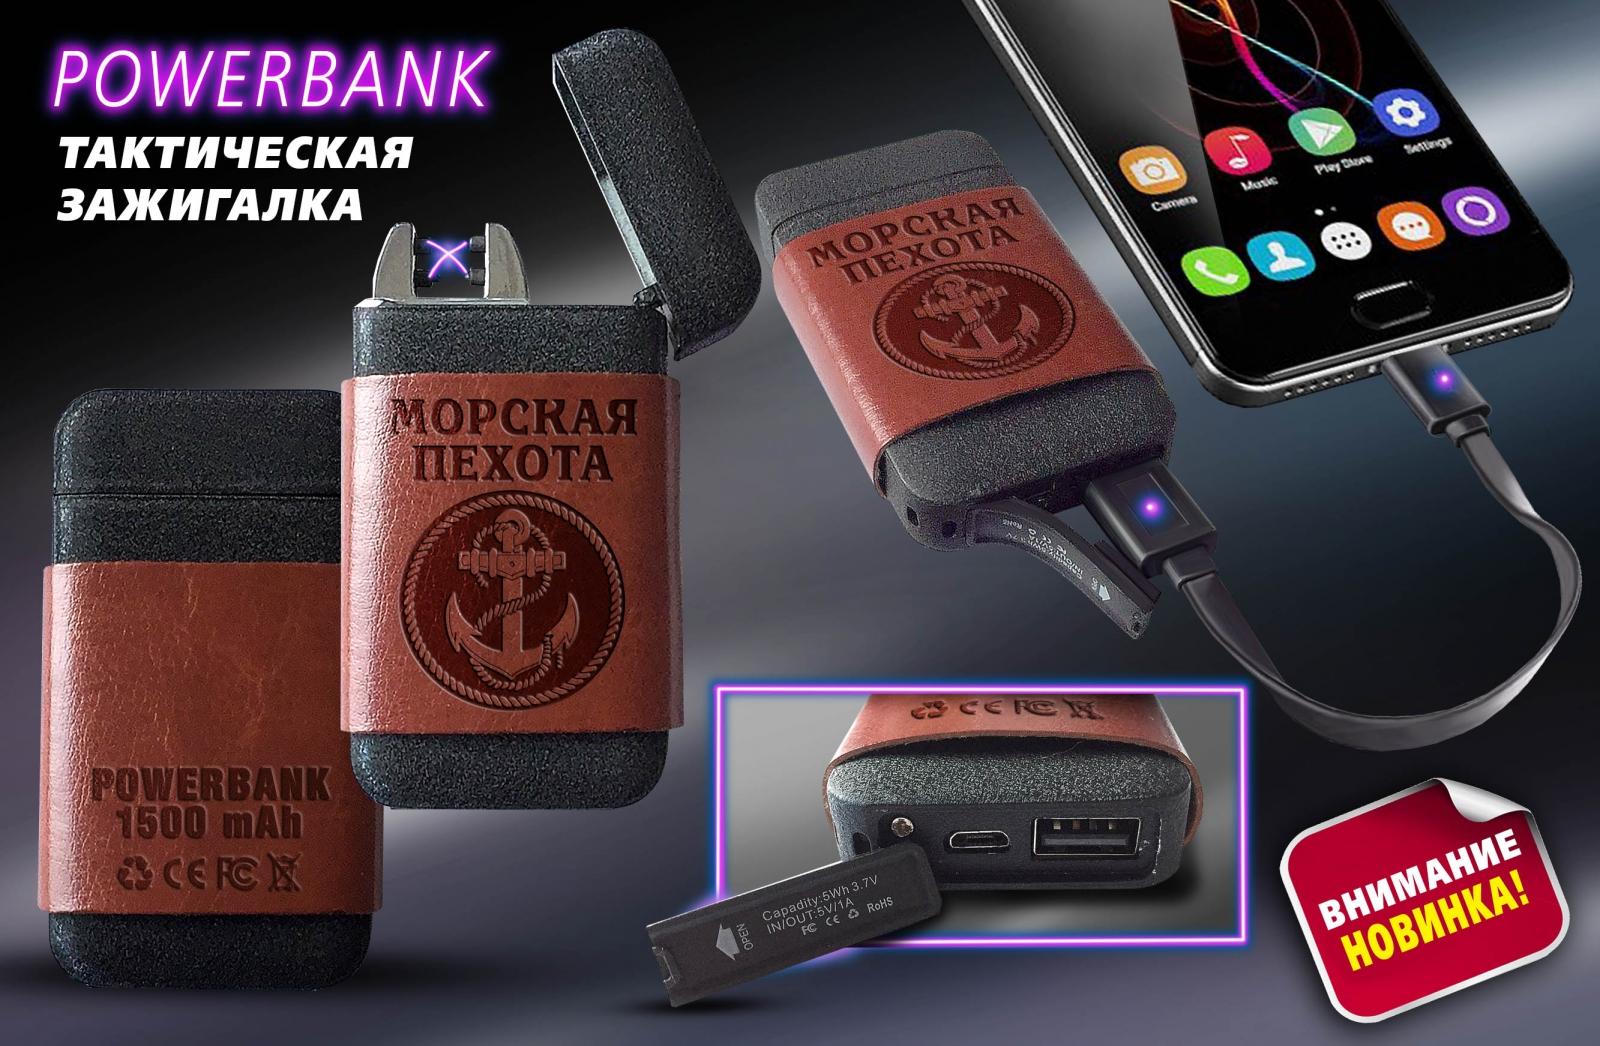 Подарок морпеху – зарядная батарея Power Bank с функцией зажигалки